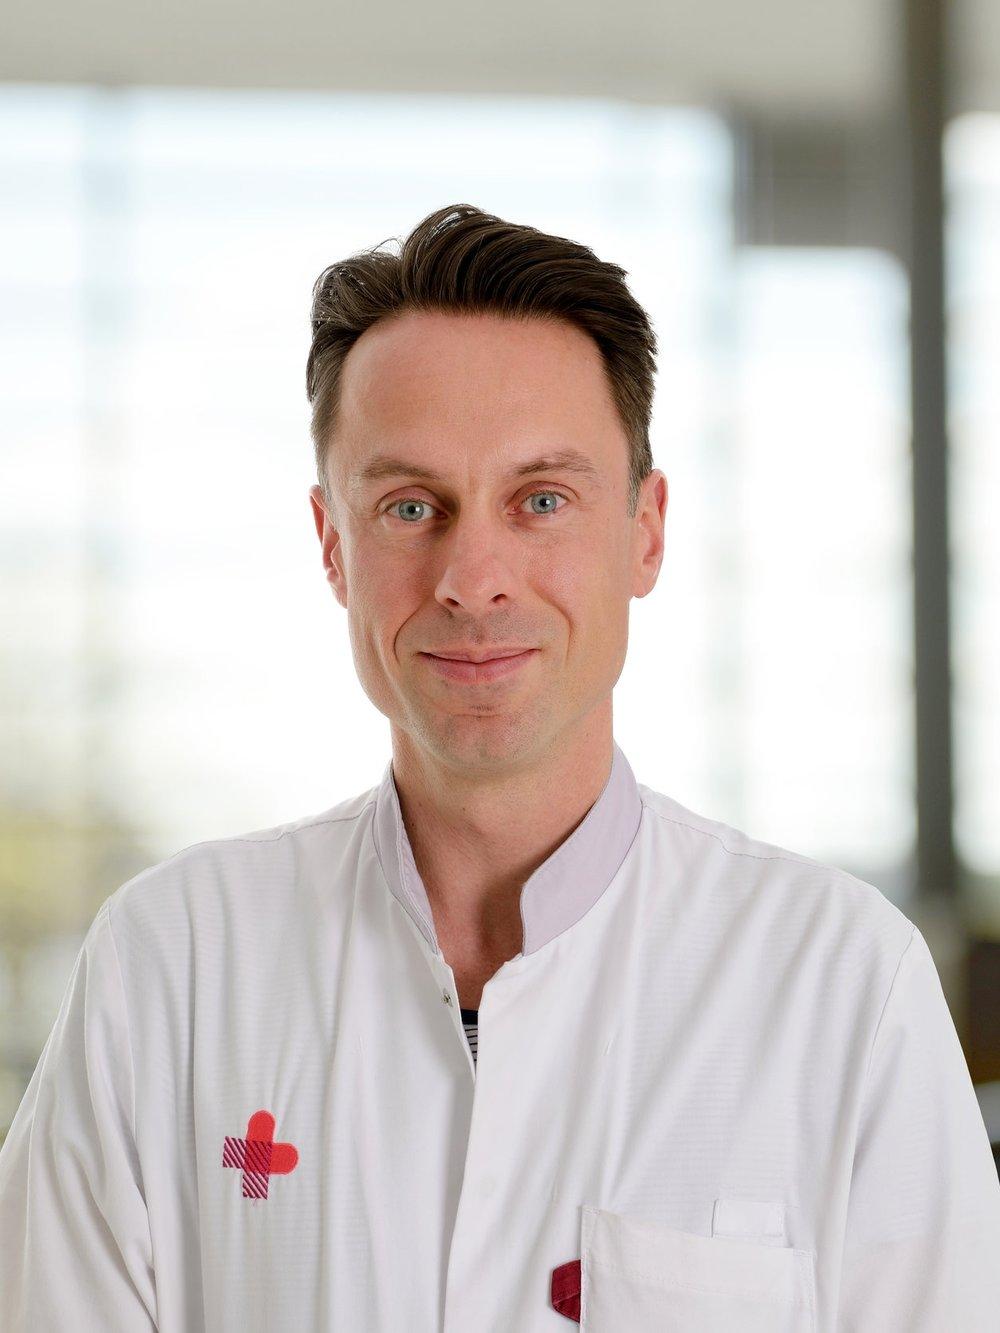 Dr. W.A. Draaisma - Werner Draaisma is sinds 2012 chirurg met maag-darm chirurgie als aandachtsgebied. Sinds 2018 is hij werkzaam is in het Jeroen Bosch Ziekenhuis waar hij de beste patiëntenzorg wil combineren met innovatie en persoonlijke aandacht. Zijn specifieke aandachtsgebieden zijn onder andere goedaardige aandoeningen van van de slokdarm en maag (zuurbranden, middenrifbreuken, achalasie) en minimaal-invasieve chirurgie.